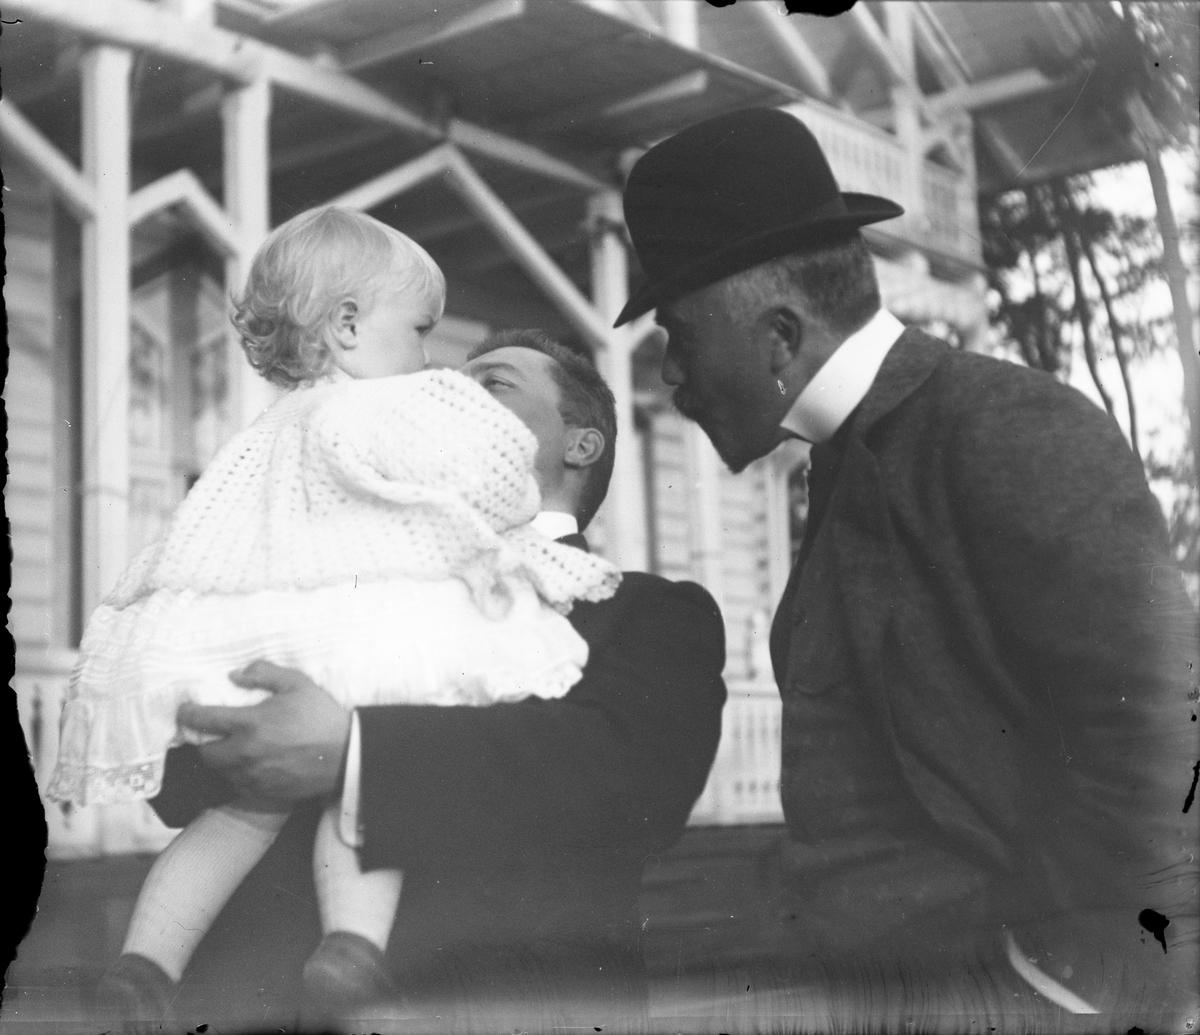 Arthur Knagenhjelm snakker med sin nevø Iakob, mens far Christian Pierre Mathiesen holder Iacob på armen.